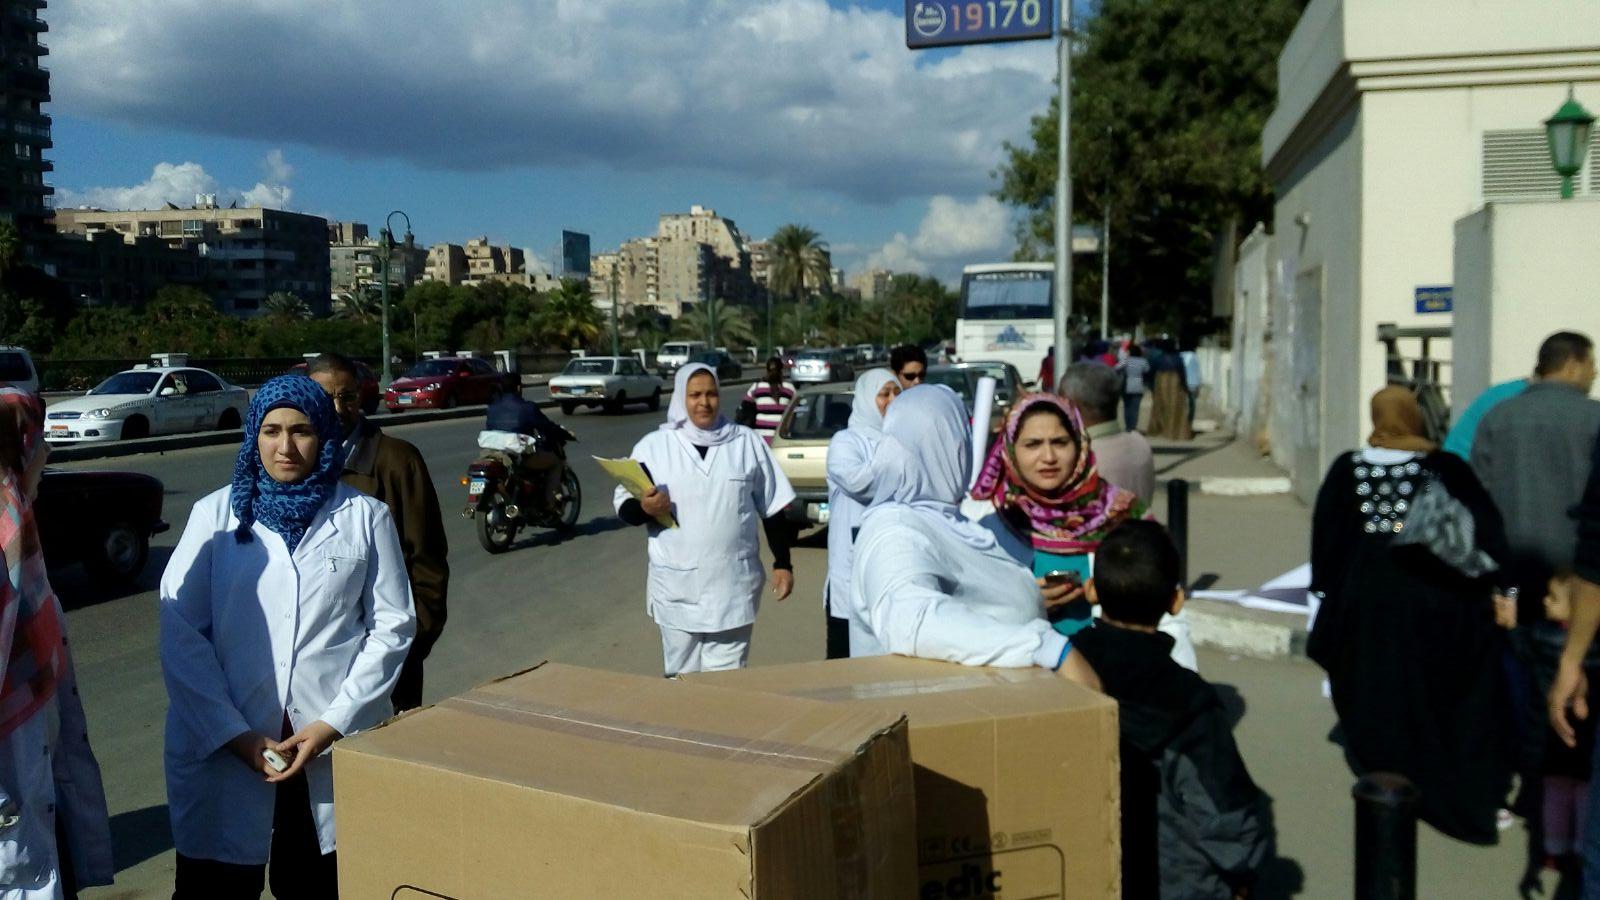 وقفة احتجاجية للعاملين في «هرمل» ضد مدير المستشفى الجديد